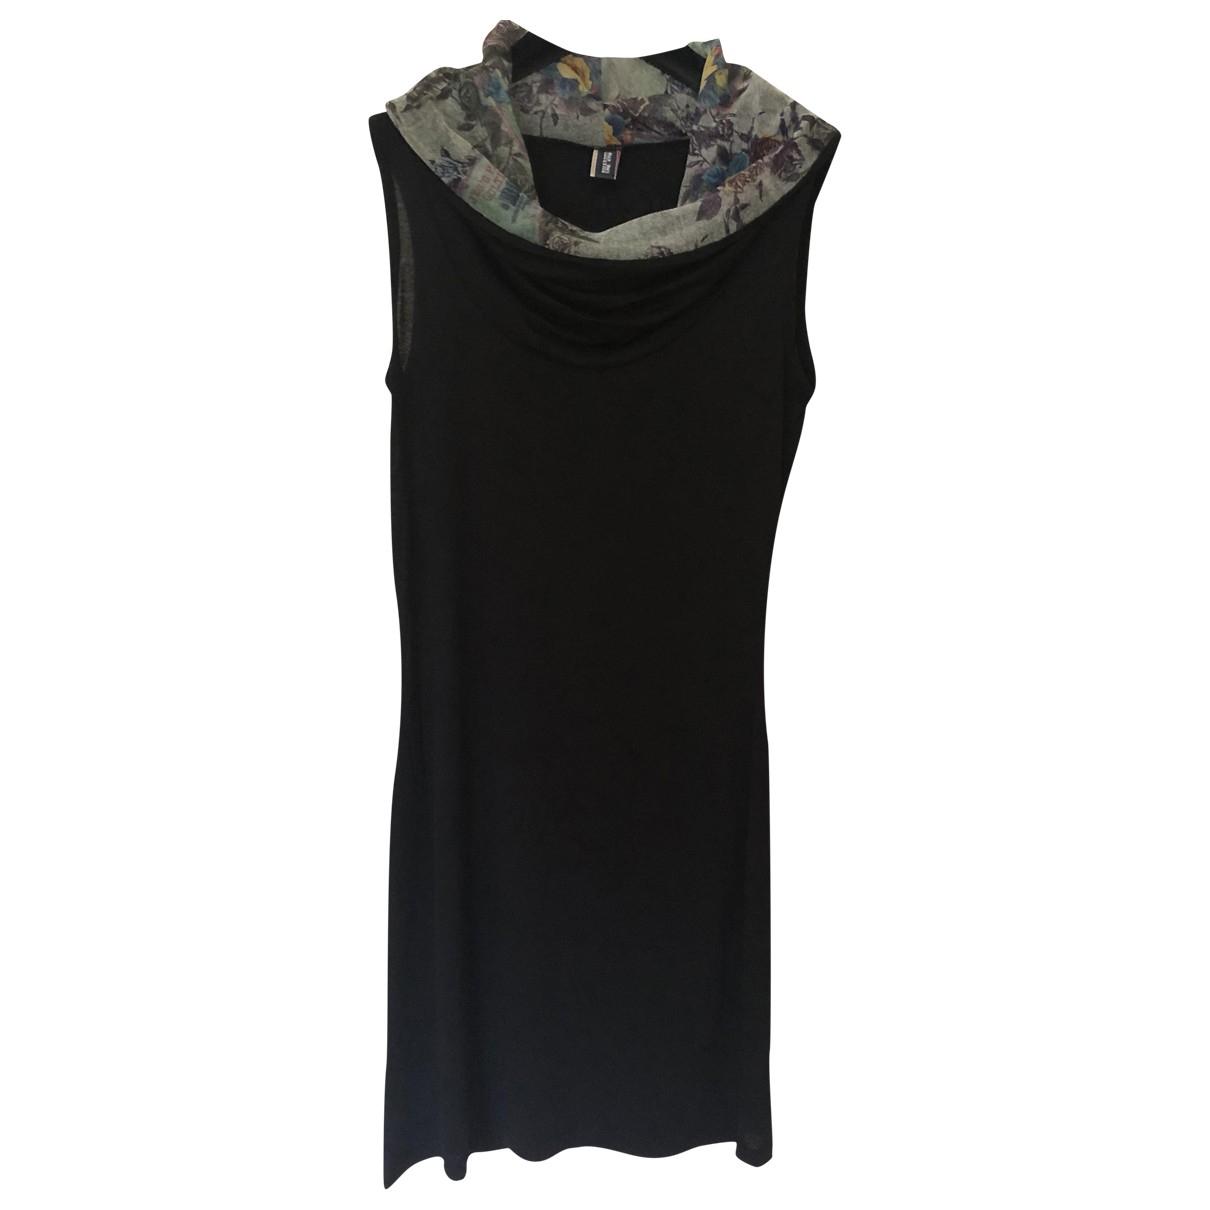 Jean Paul Gaultier \N Black Cotton - elasthane dress for Women 40 IT